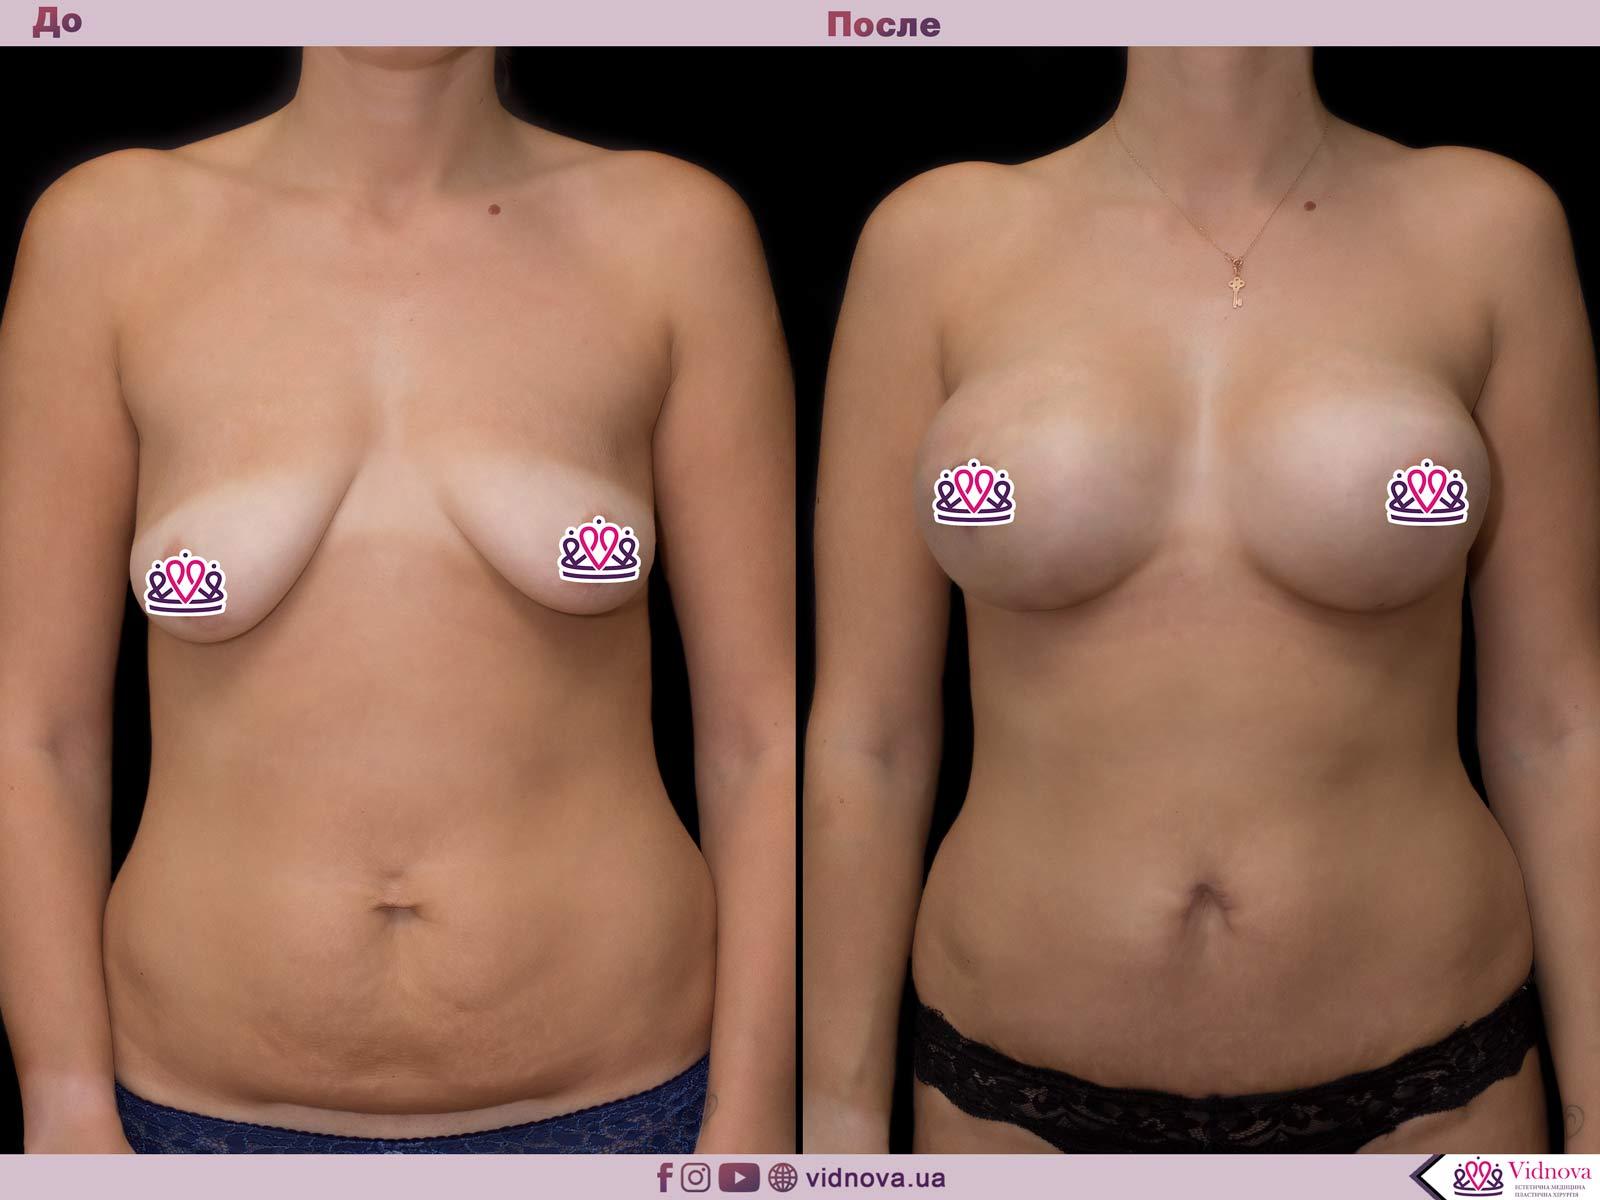 Пластика груди: результаты до и после - Пример №61-0 - Светлана Работенко